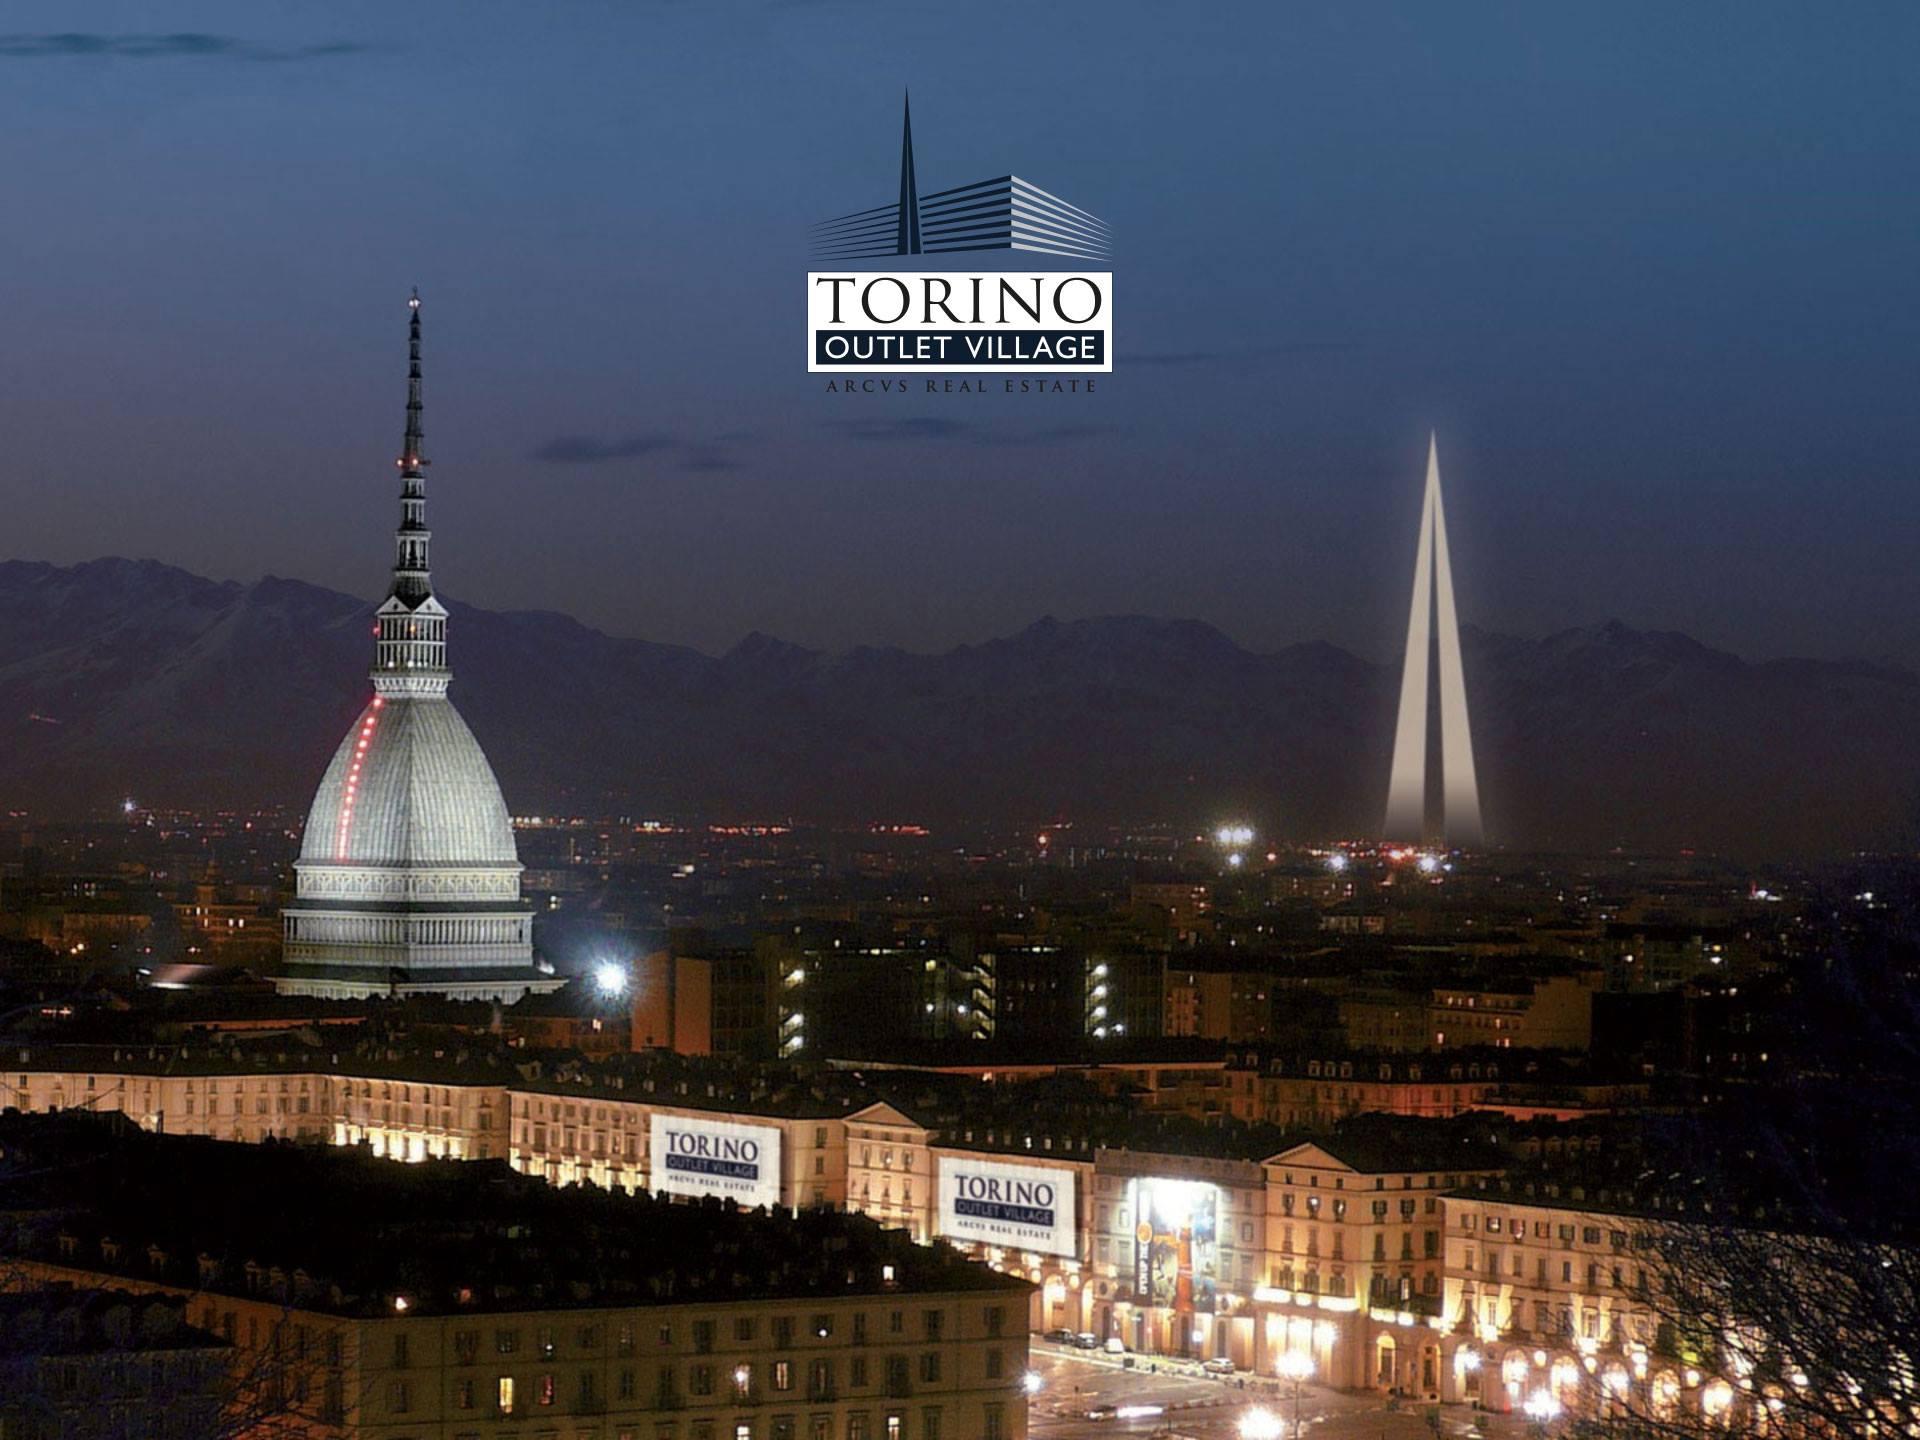 Torino outlet village torino capitale del lusso taurinews blog di torino di news e curiosit - Mobilandia outlet torino ...